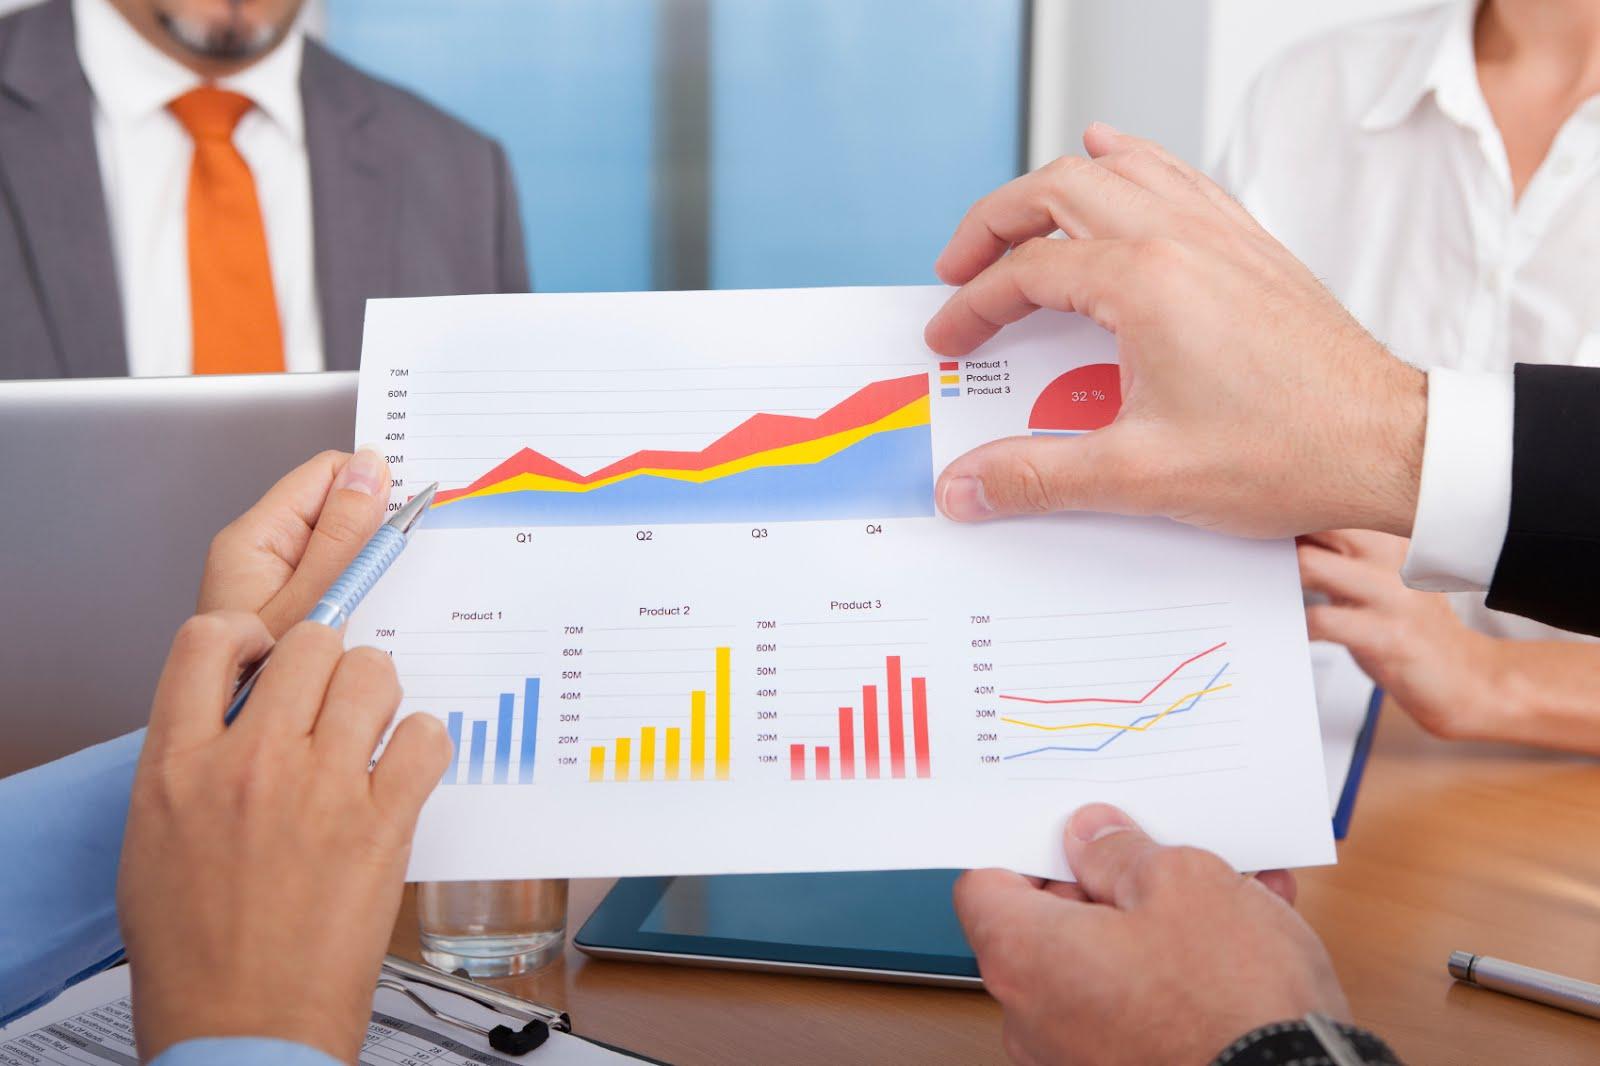 Alcuni esempi pratici dell'uso della business intelligence